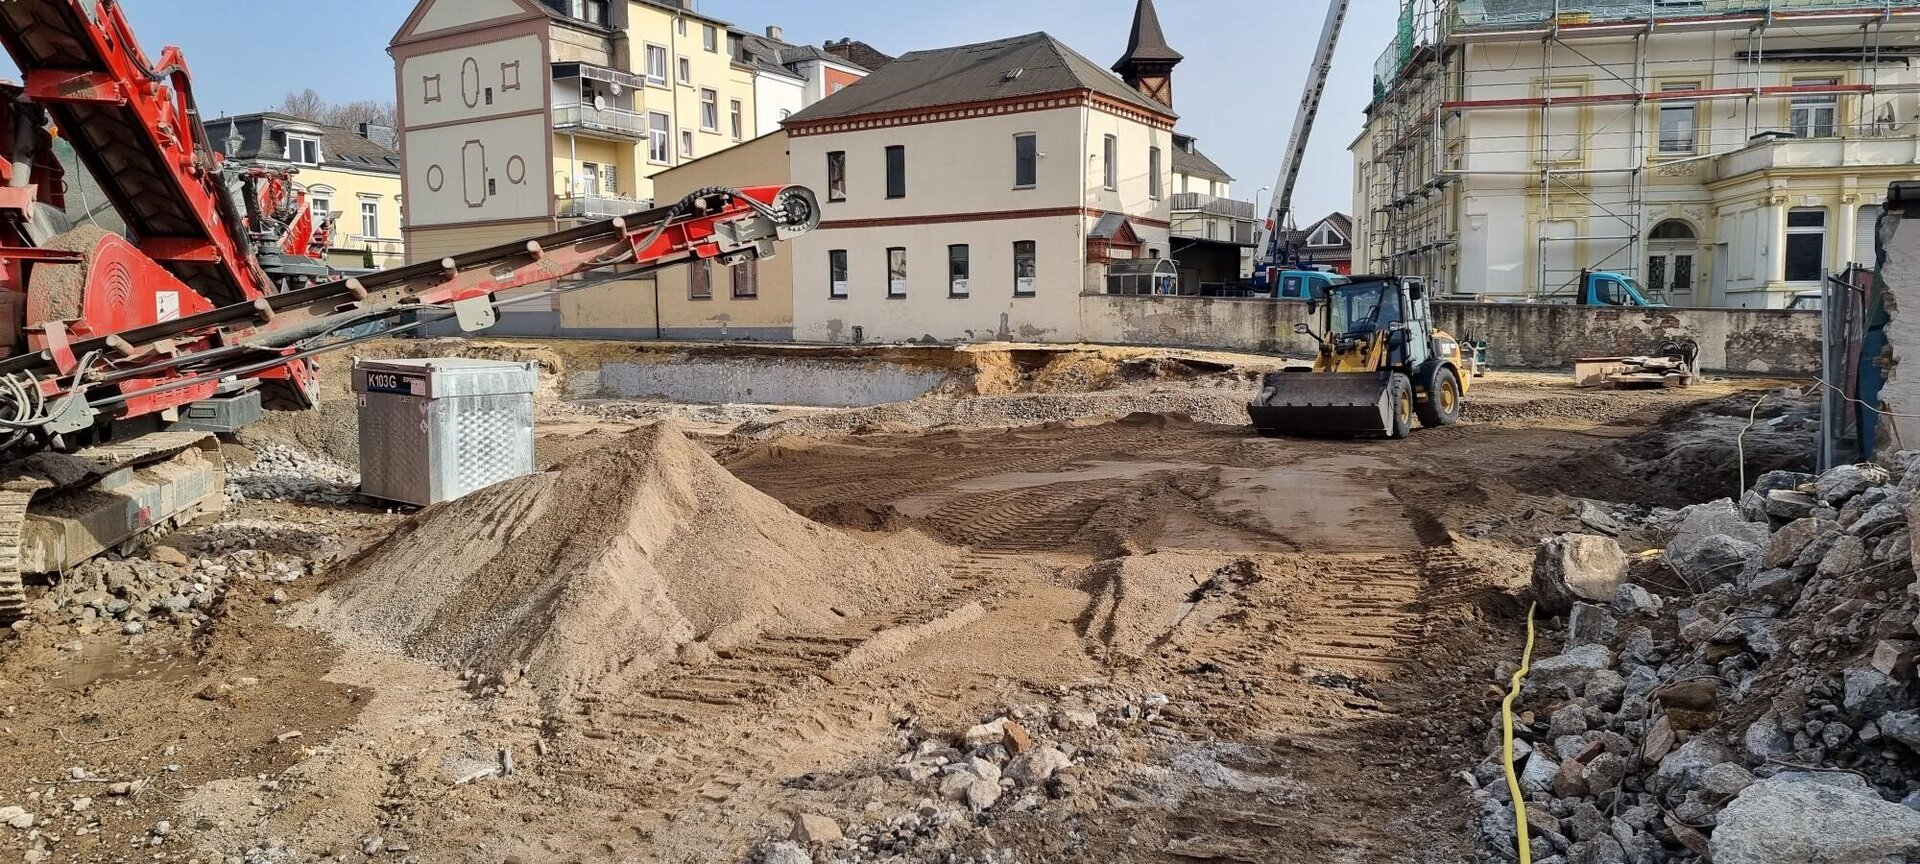 Baustelle Rheinhalle